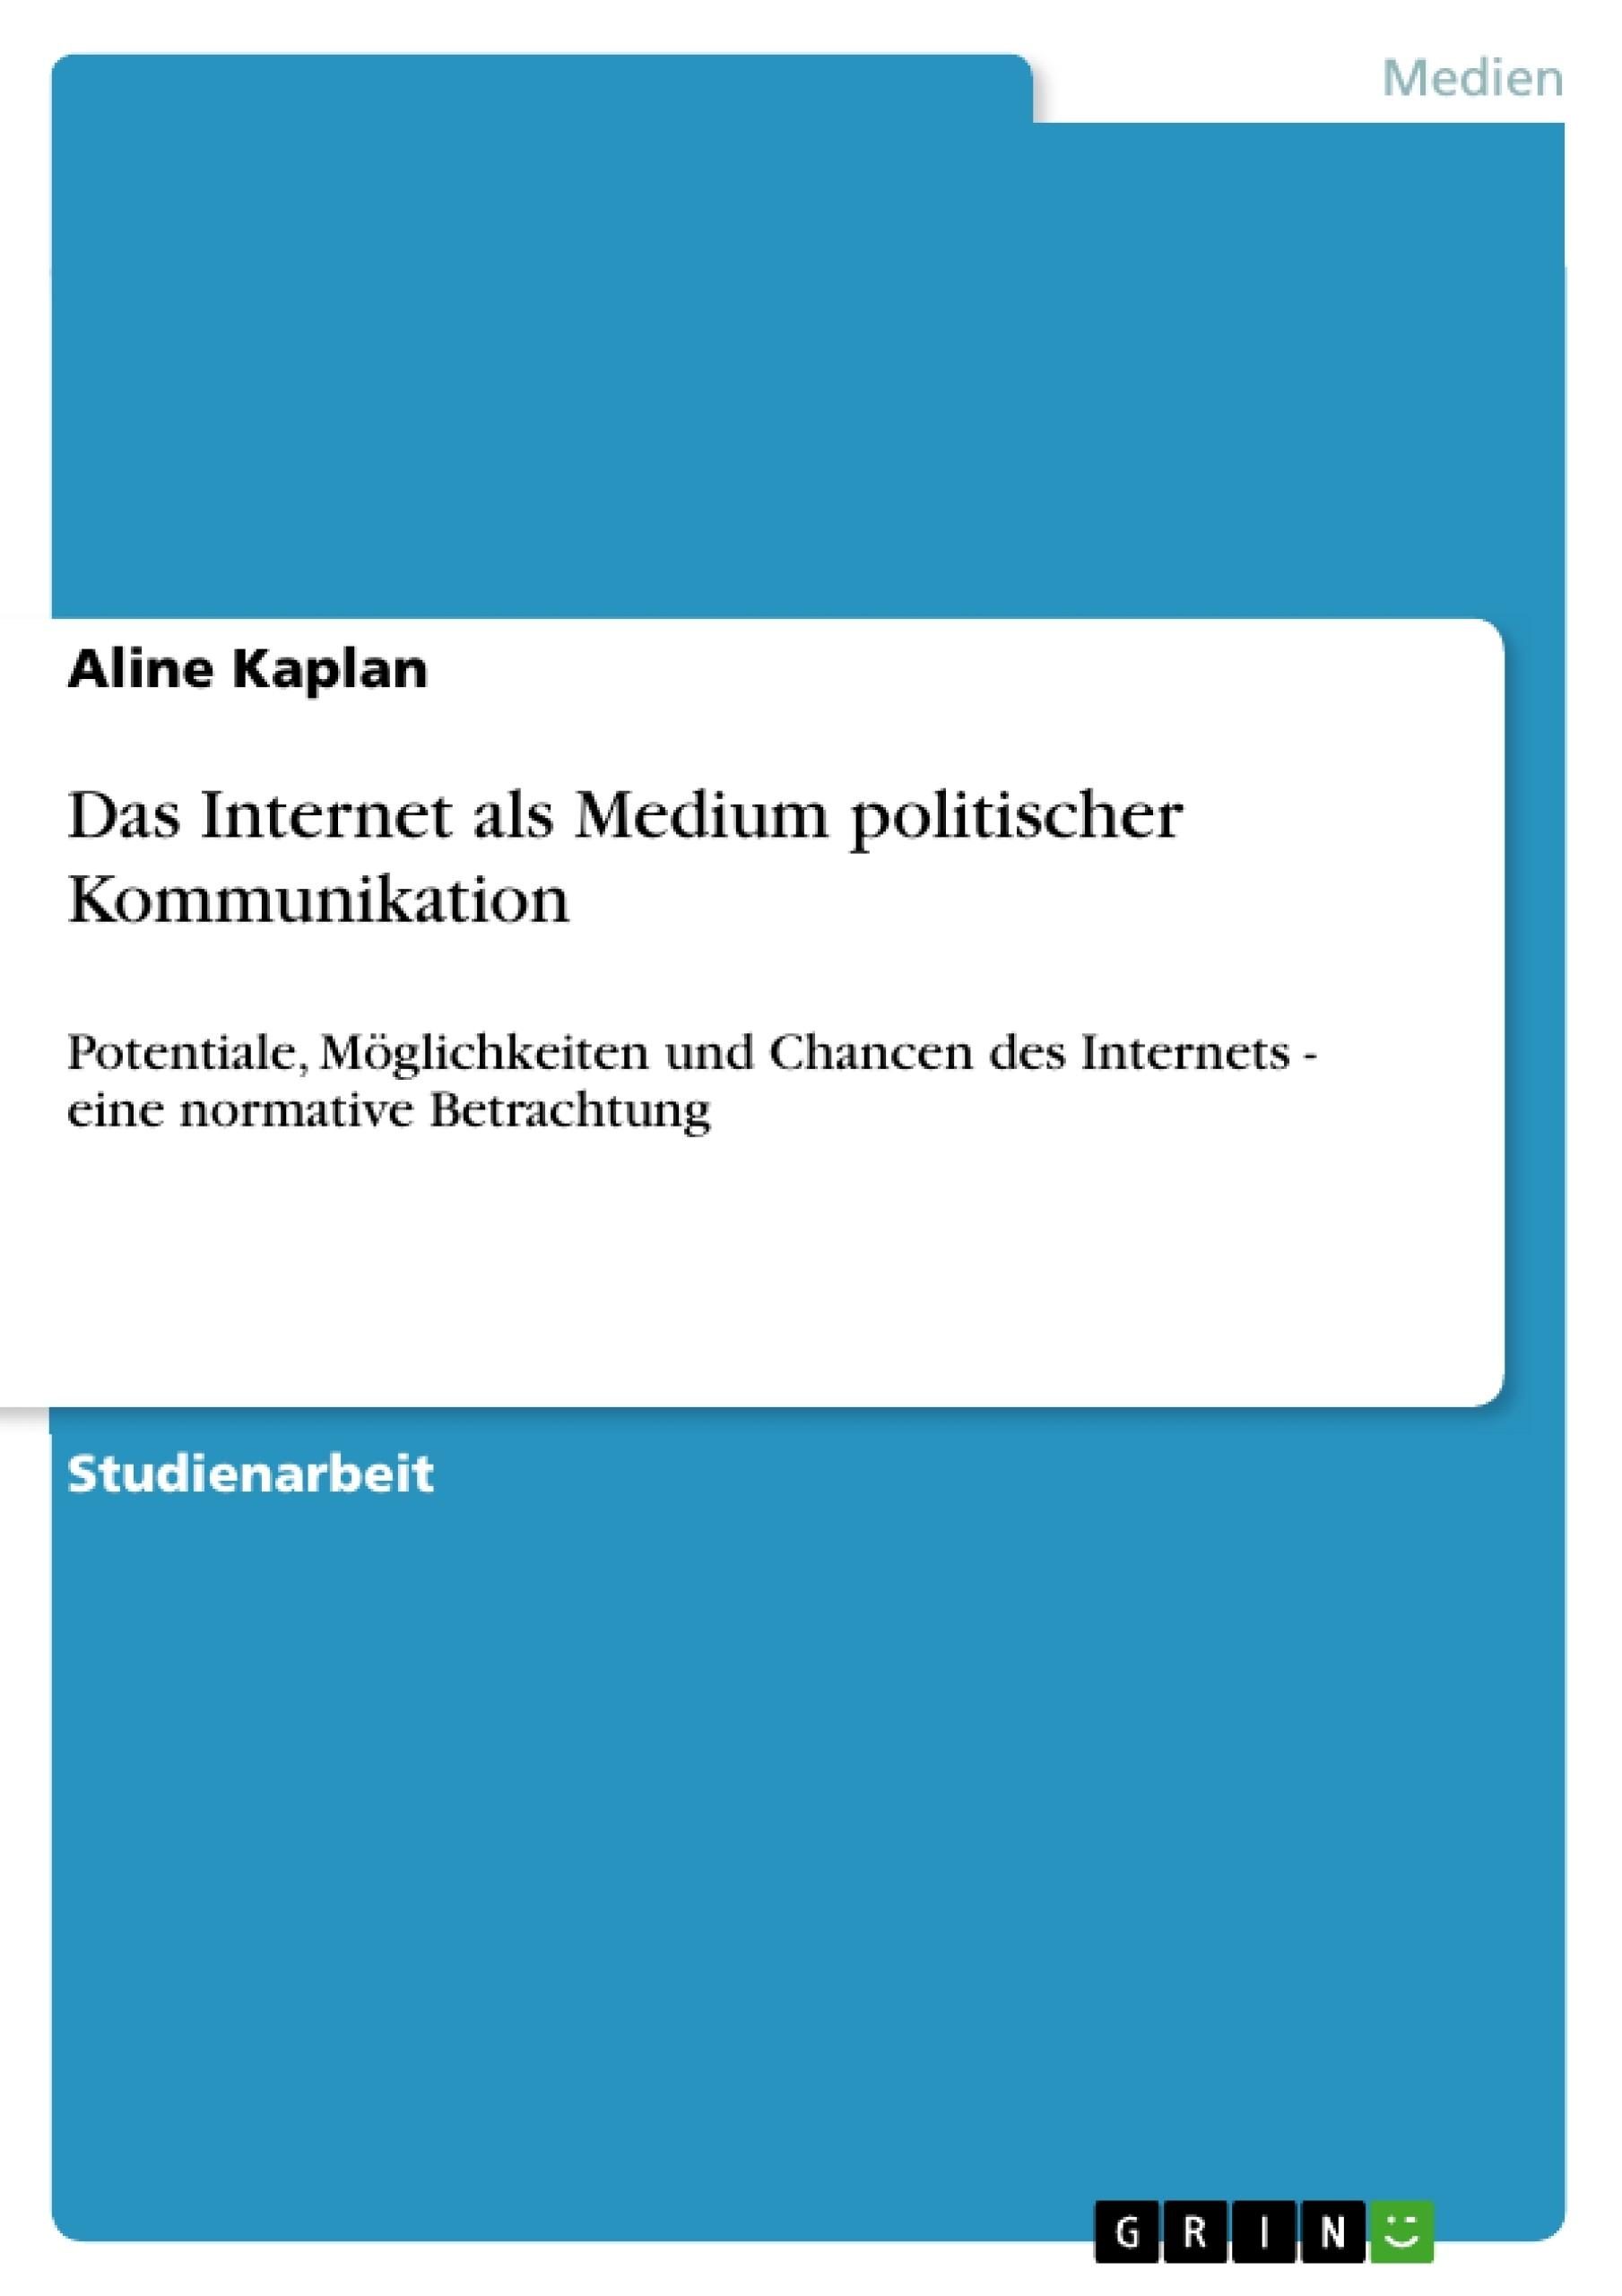 Titel: Das Internet als Medium politischer Kommunikation